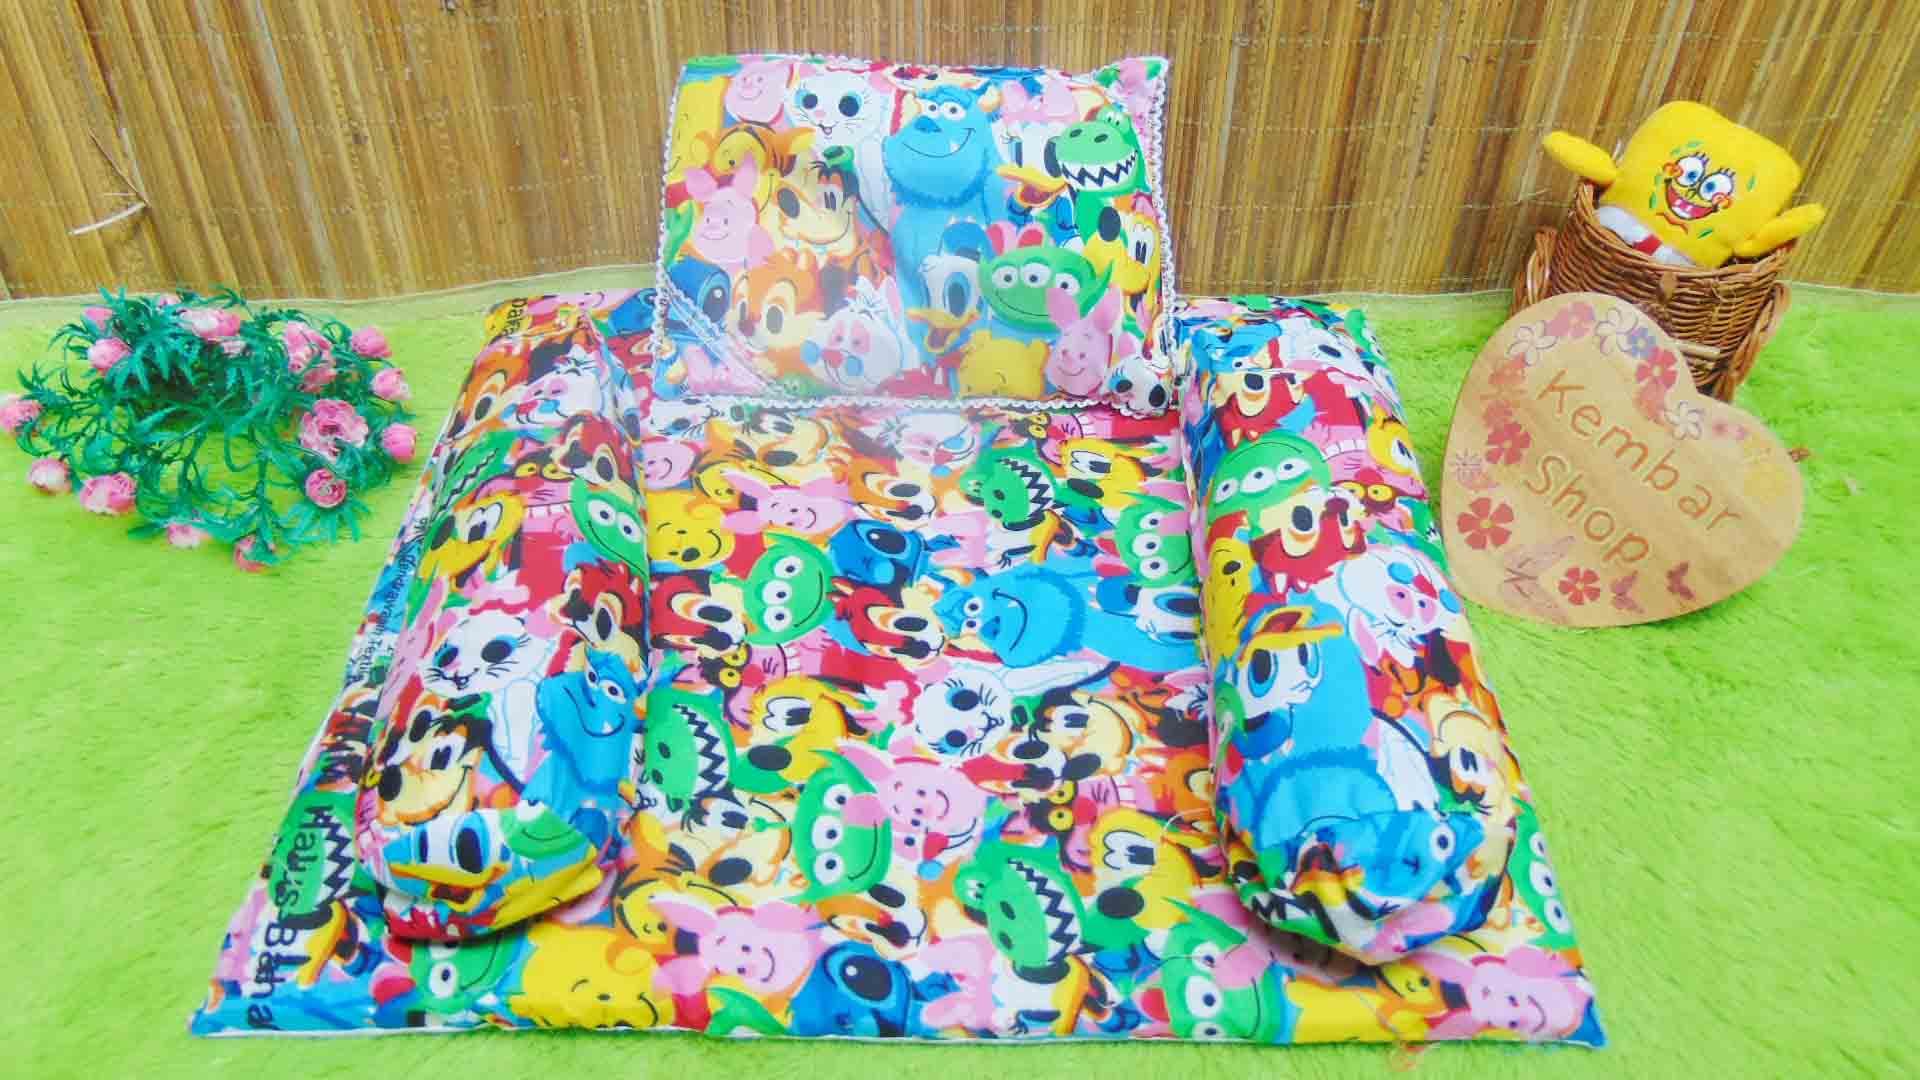 PALING MURAH kado bayi set kasur bayi karakter keroppi doraemon disney panda plus bantal dan guling (2)